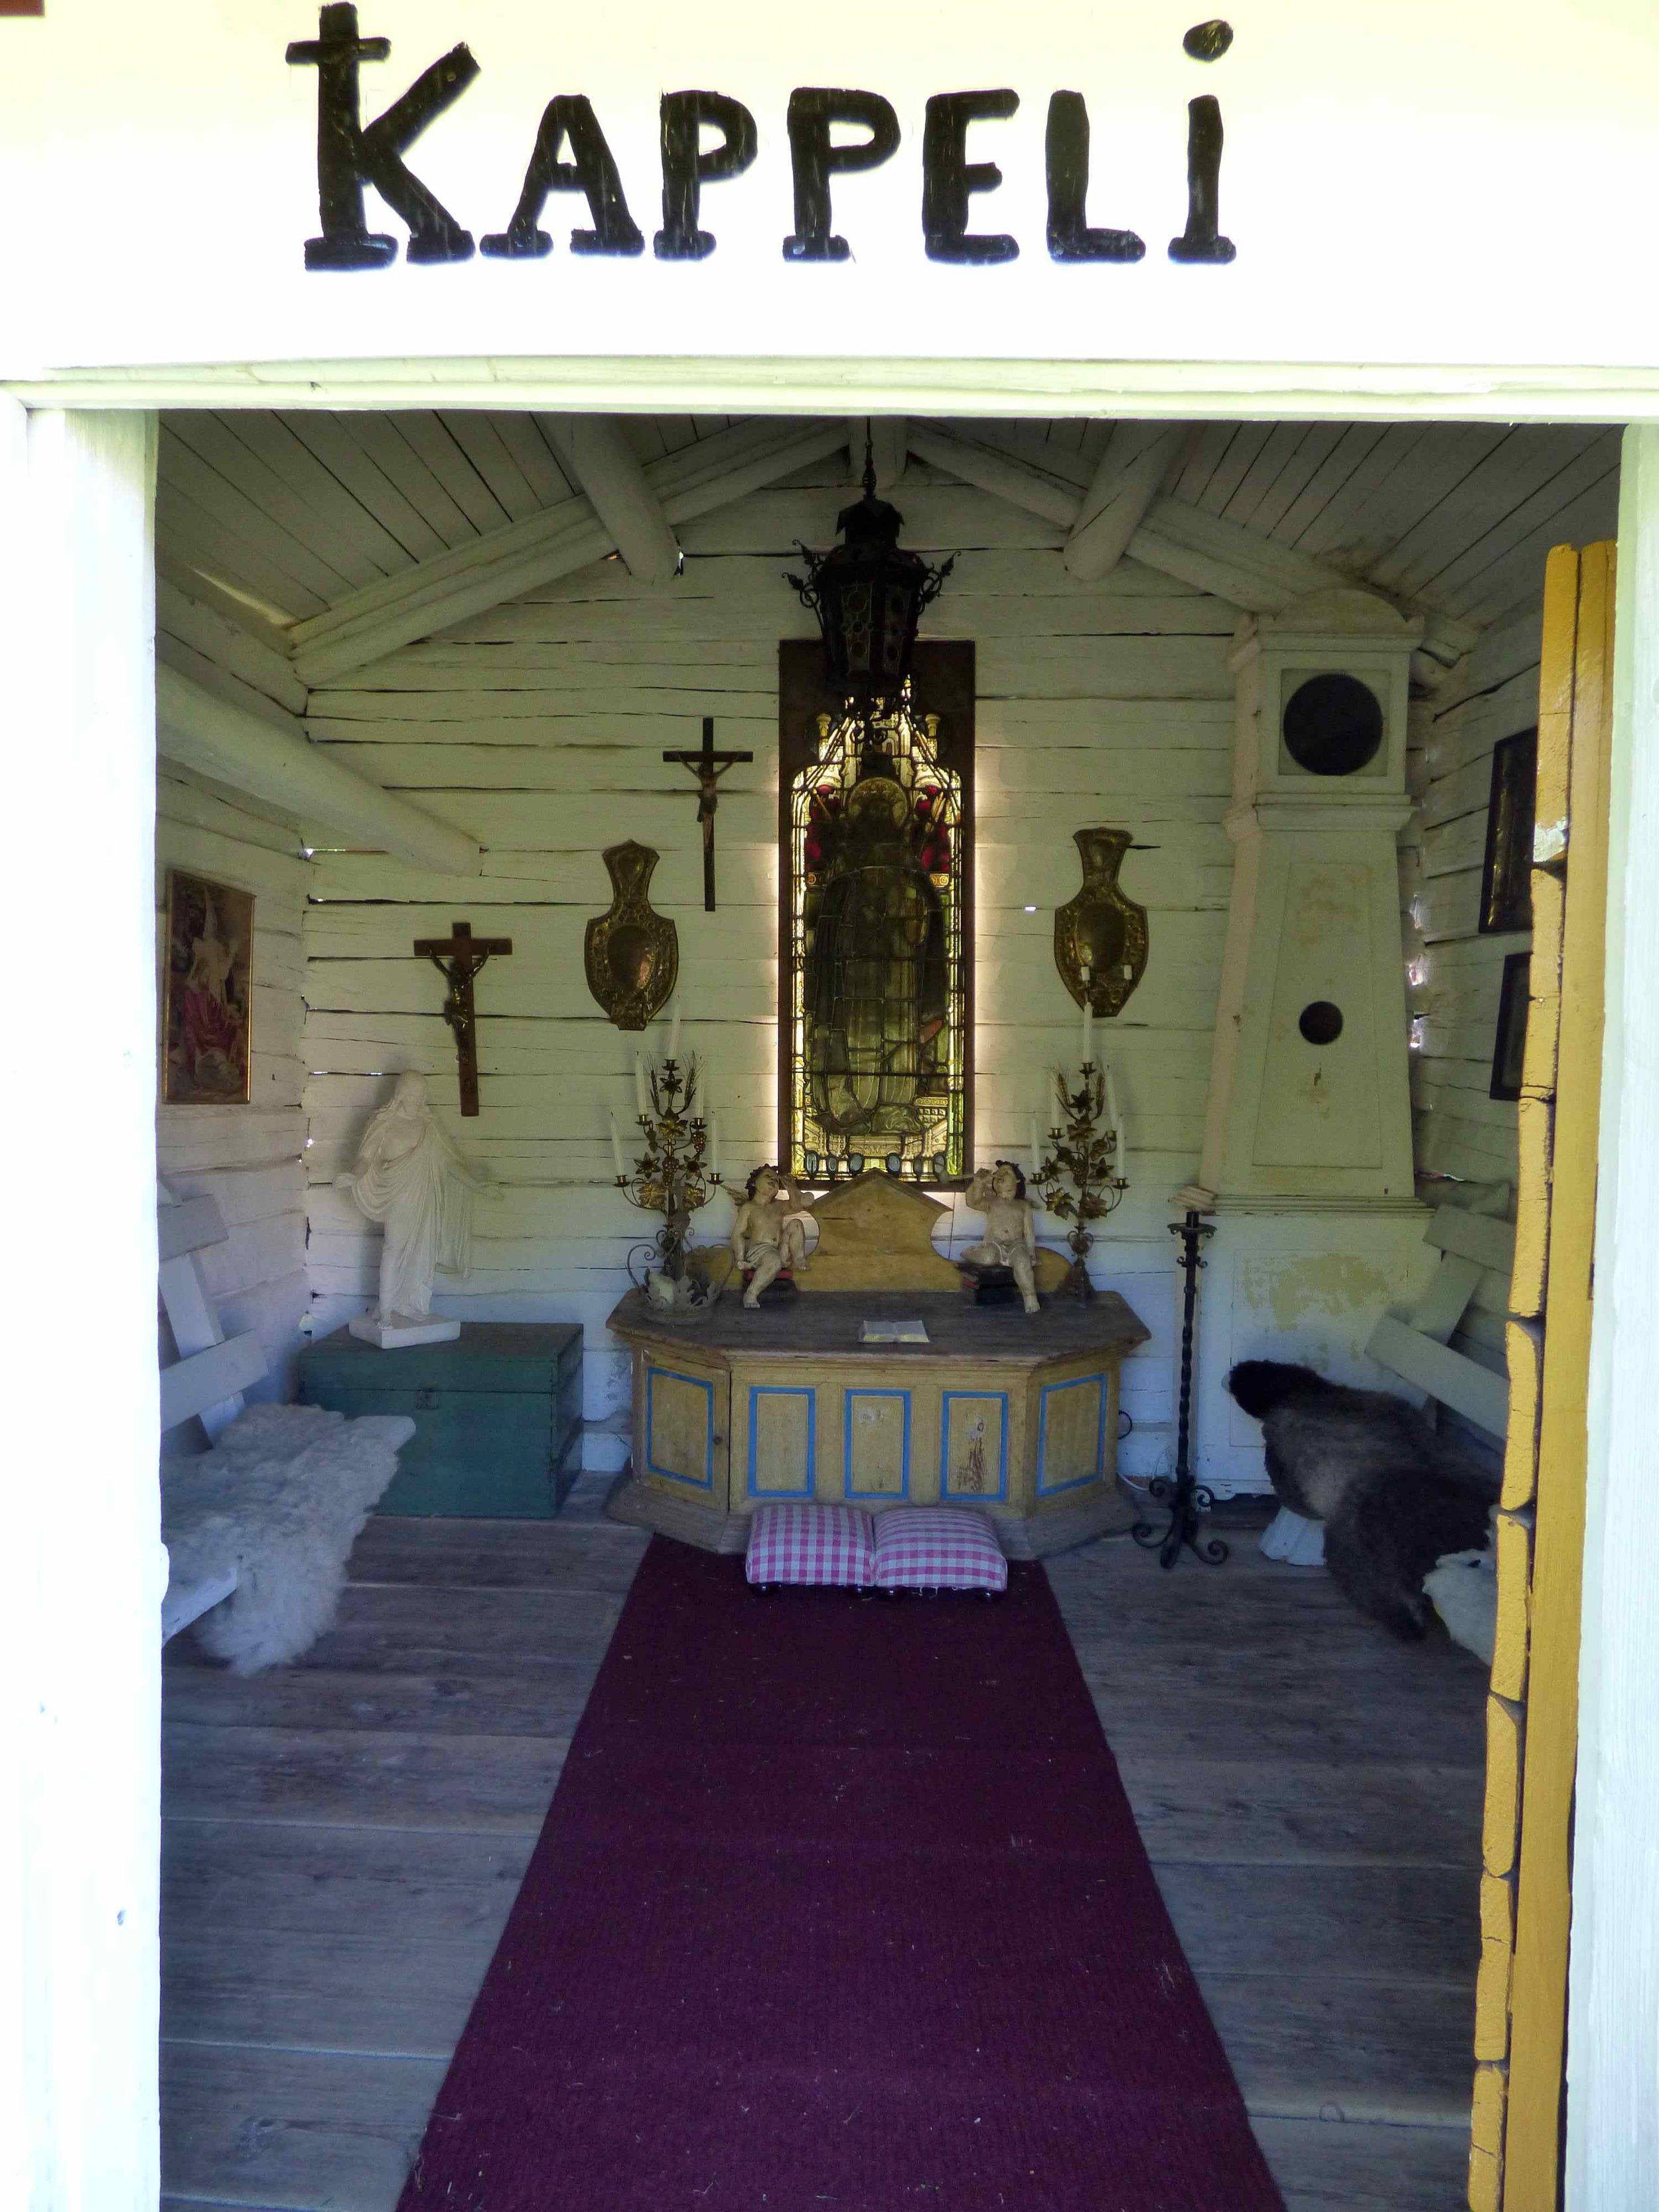 Yhdessä aitassa on kappeli